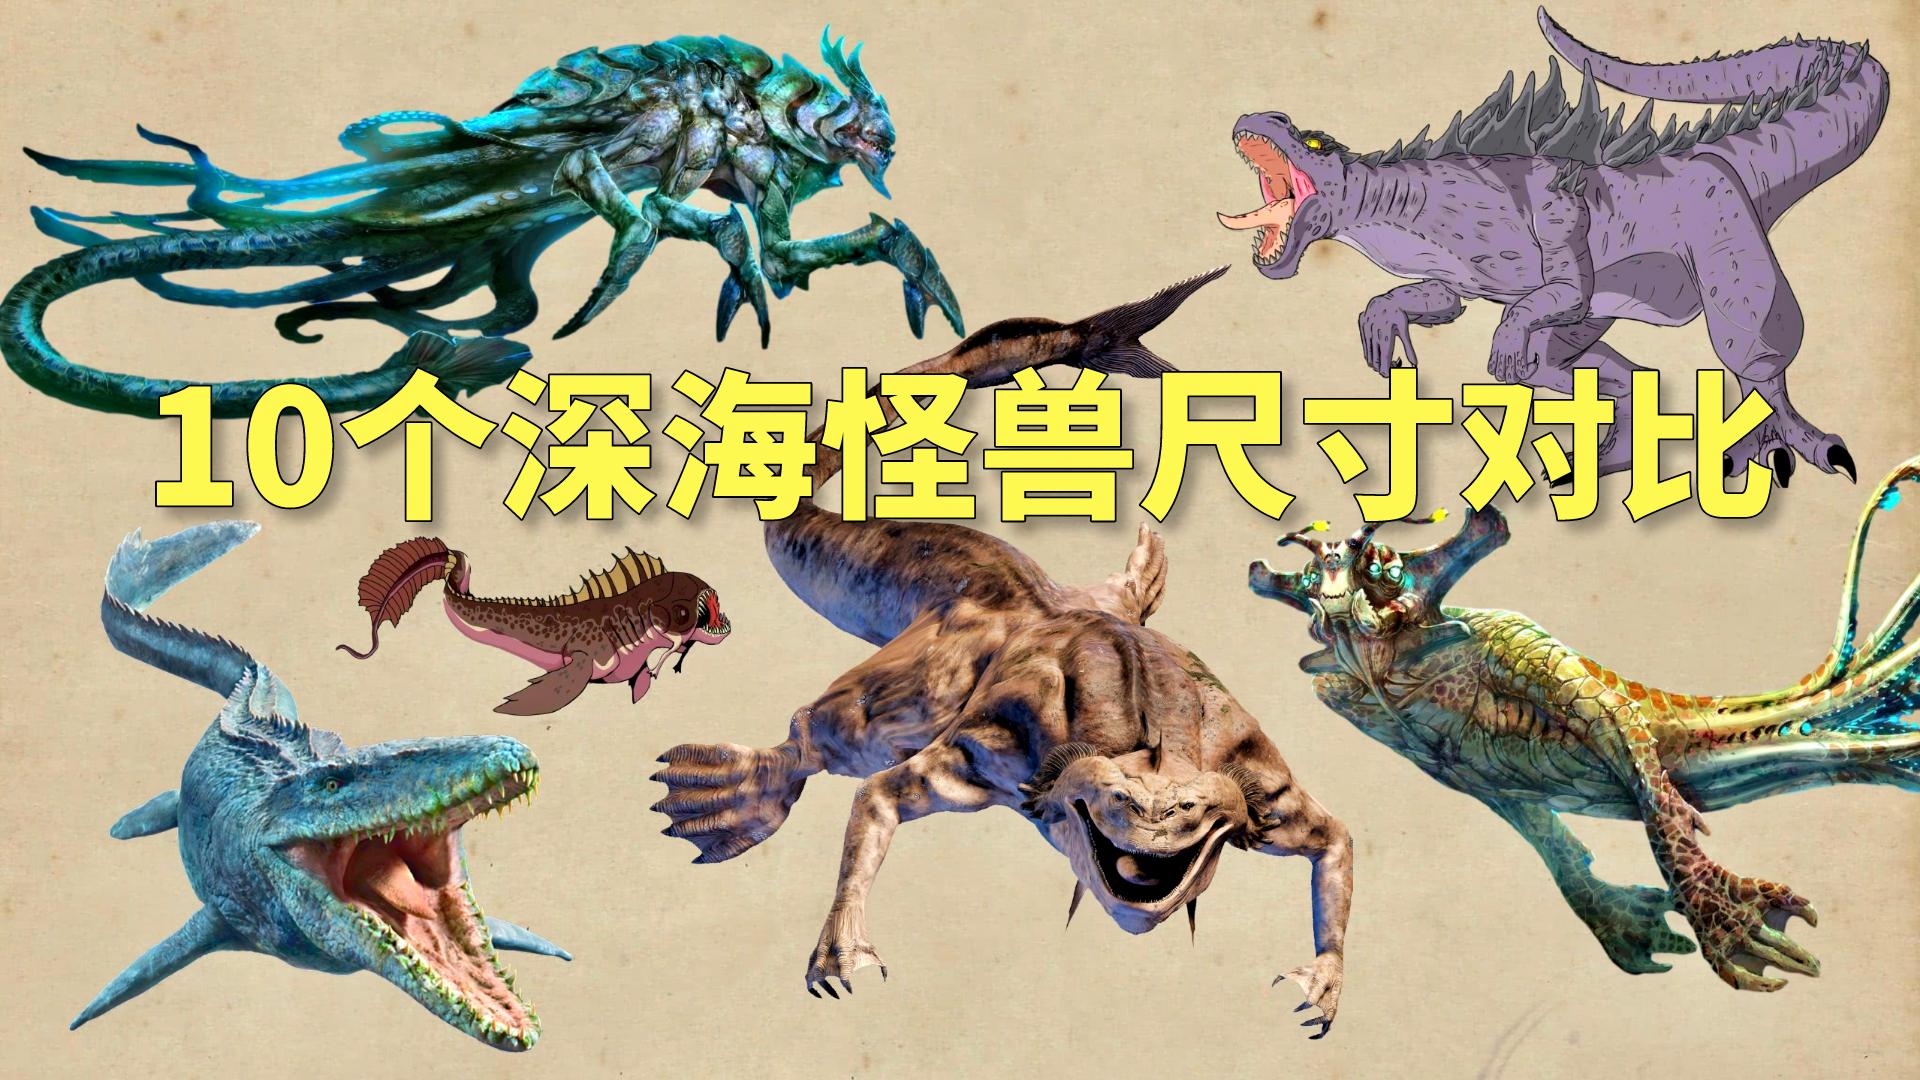 10个深海远古巨兽尺寸对比,利维坦3200米,克苏鲁怪兽150米